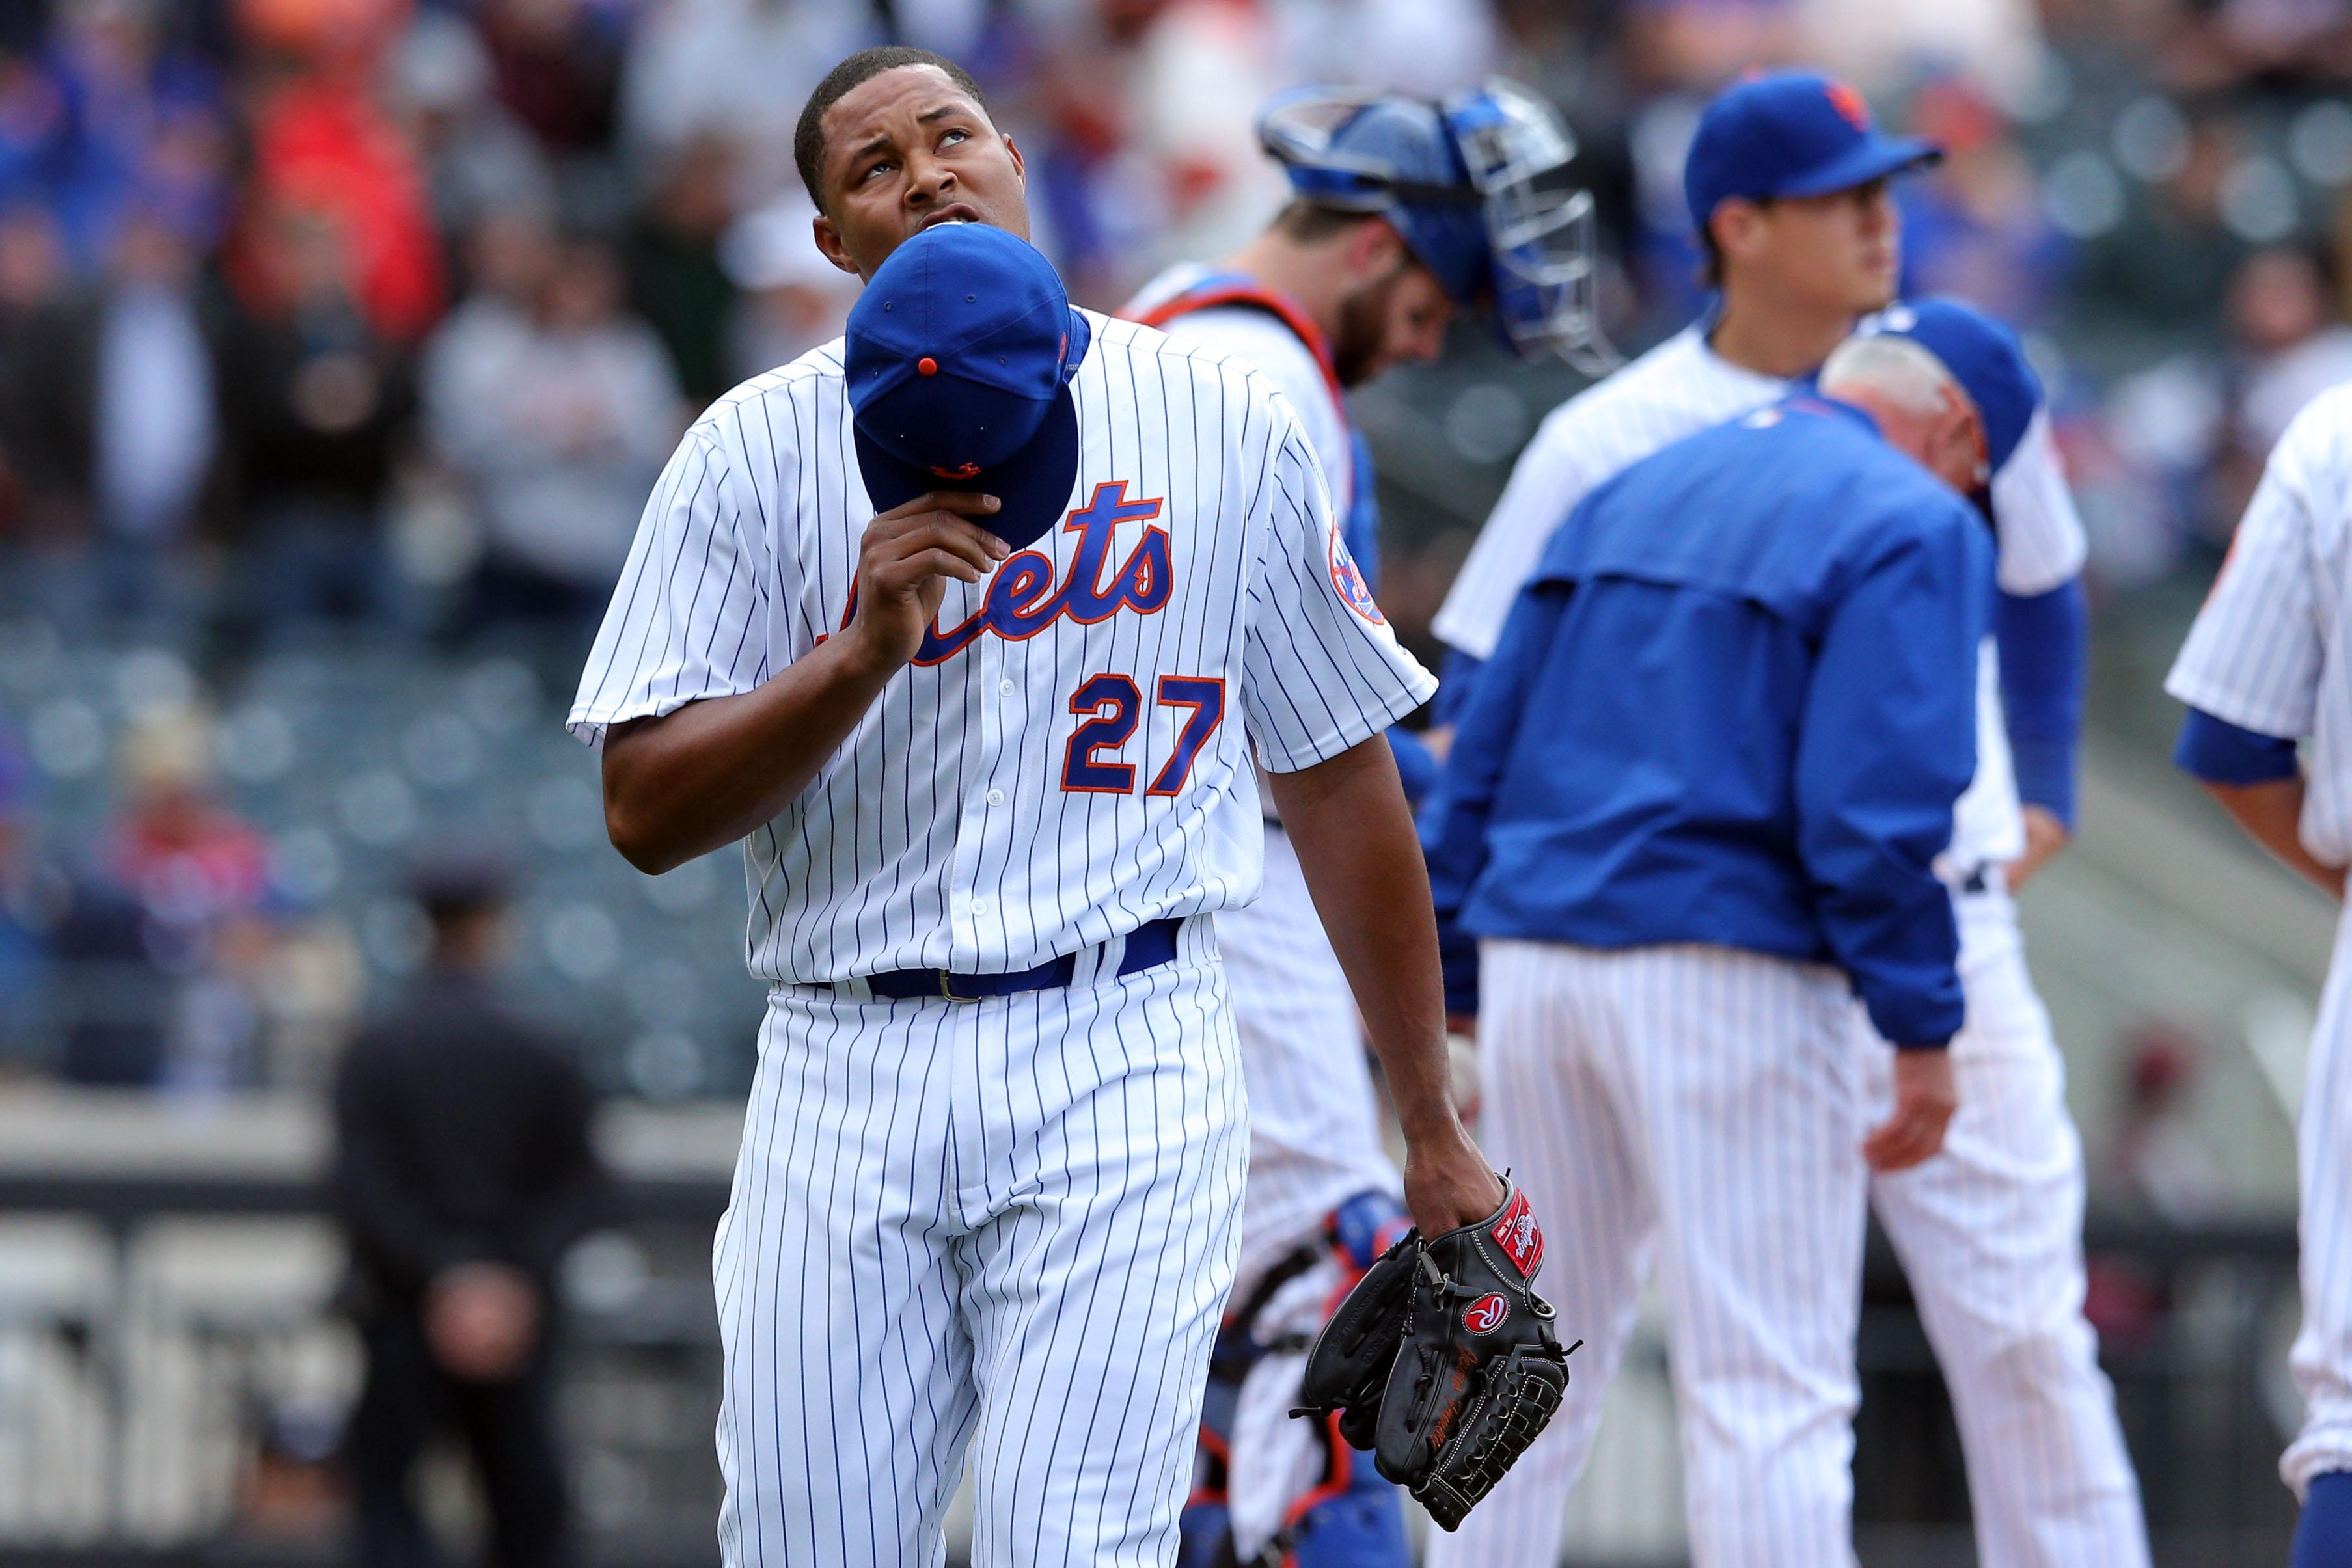 MLB: San Francisco Giants at New York Mets